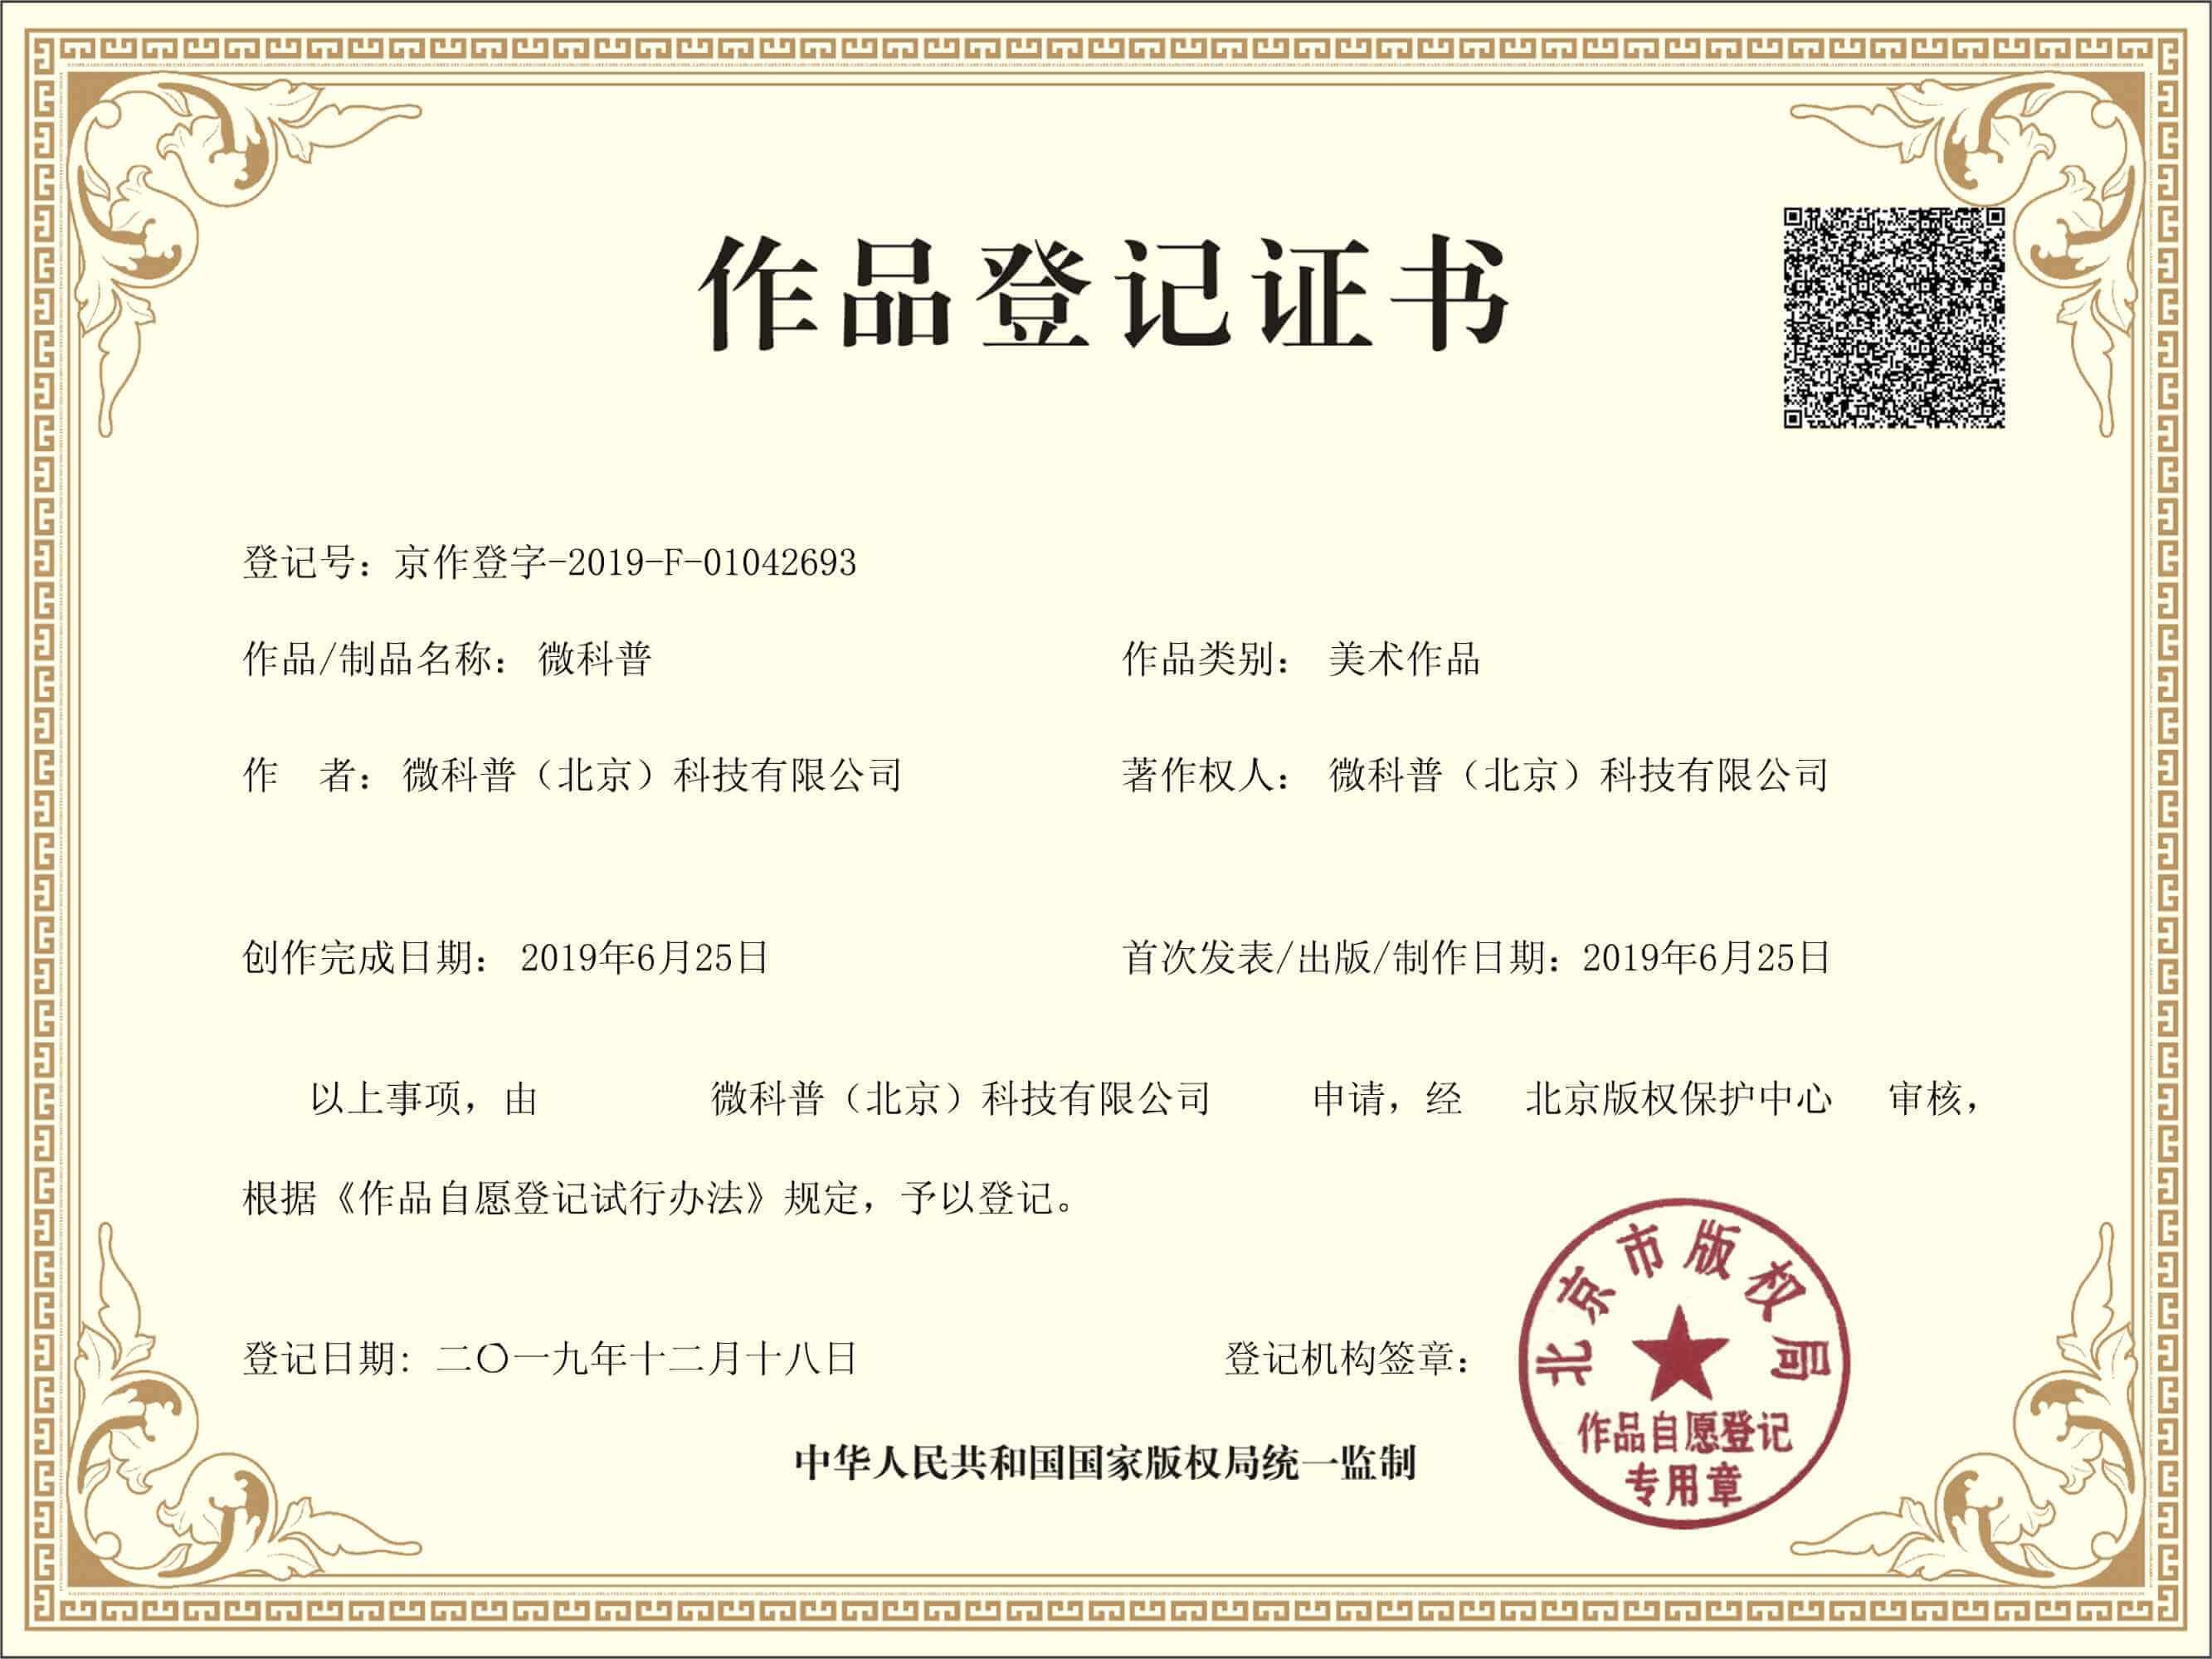 微科普具有北京市版�嗑种瓢l的《作品登��C��》